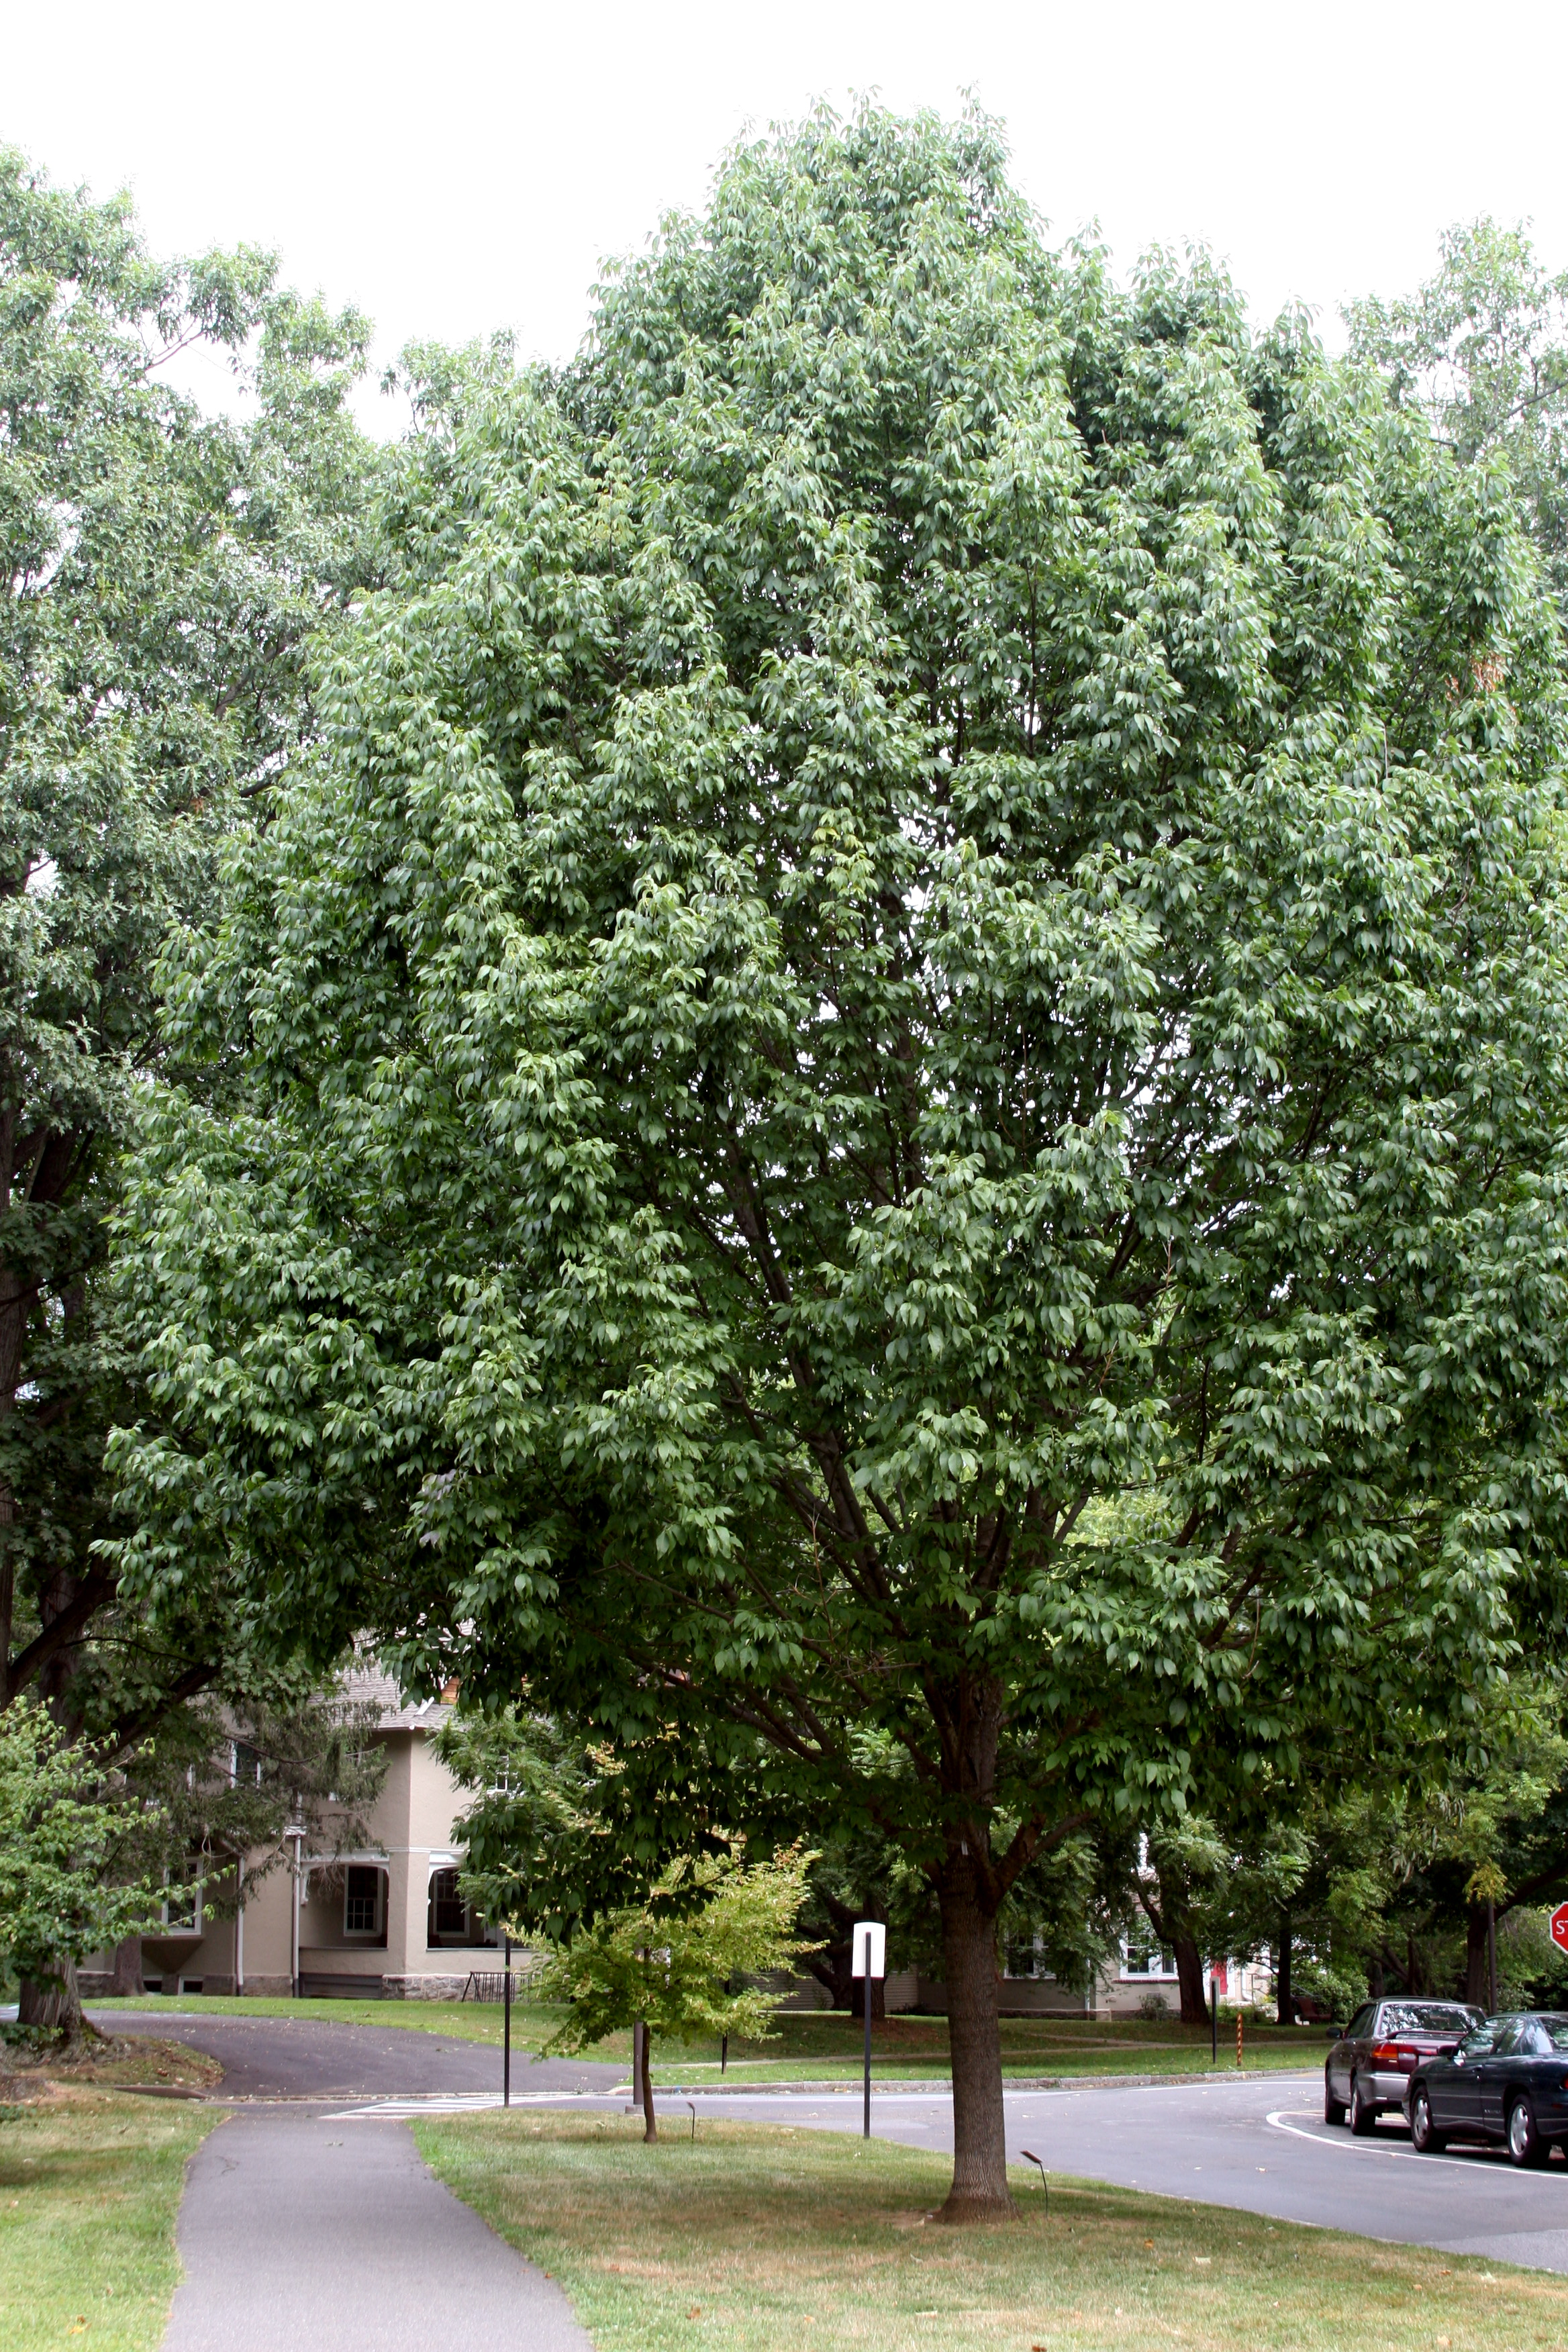 Fraxinus americana 'Greenspire' at the Scott Arboretum